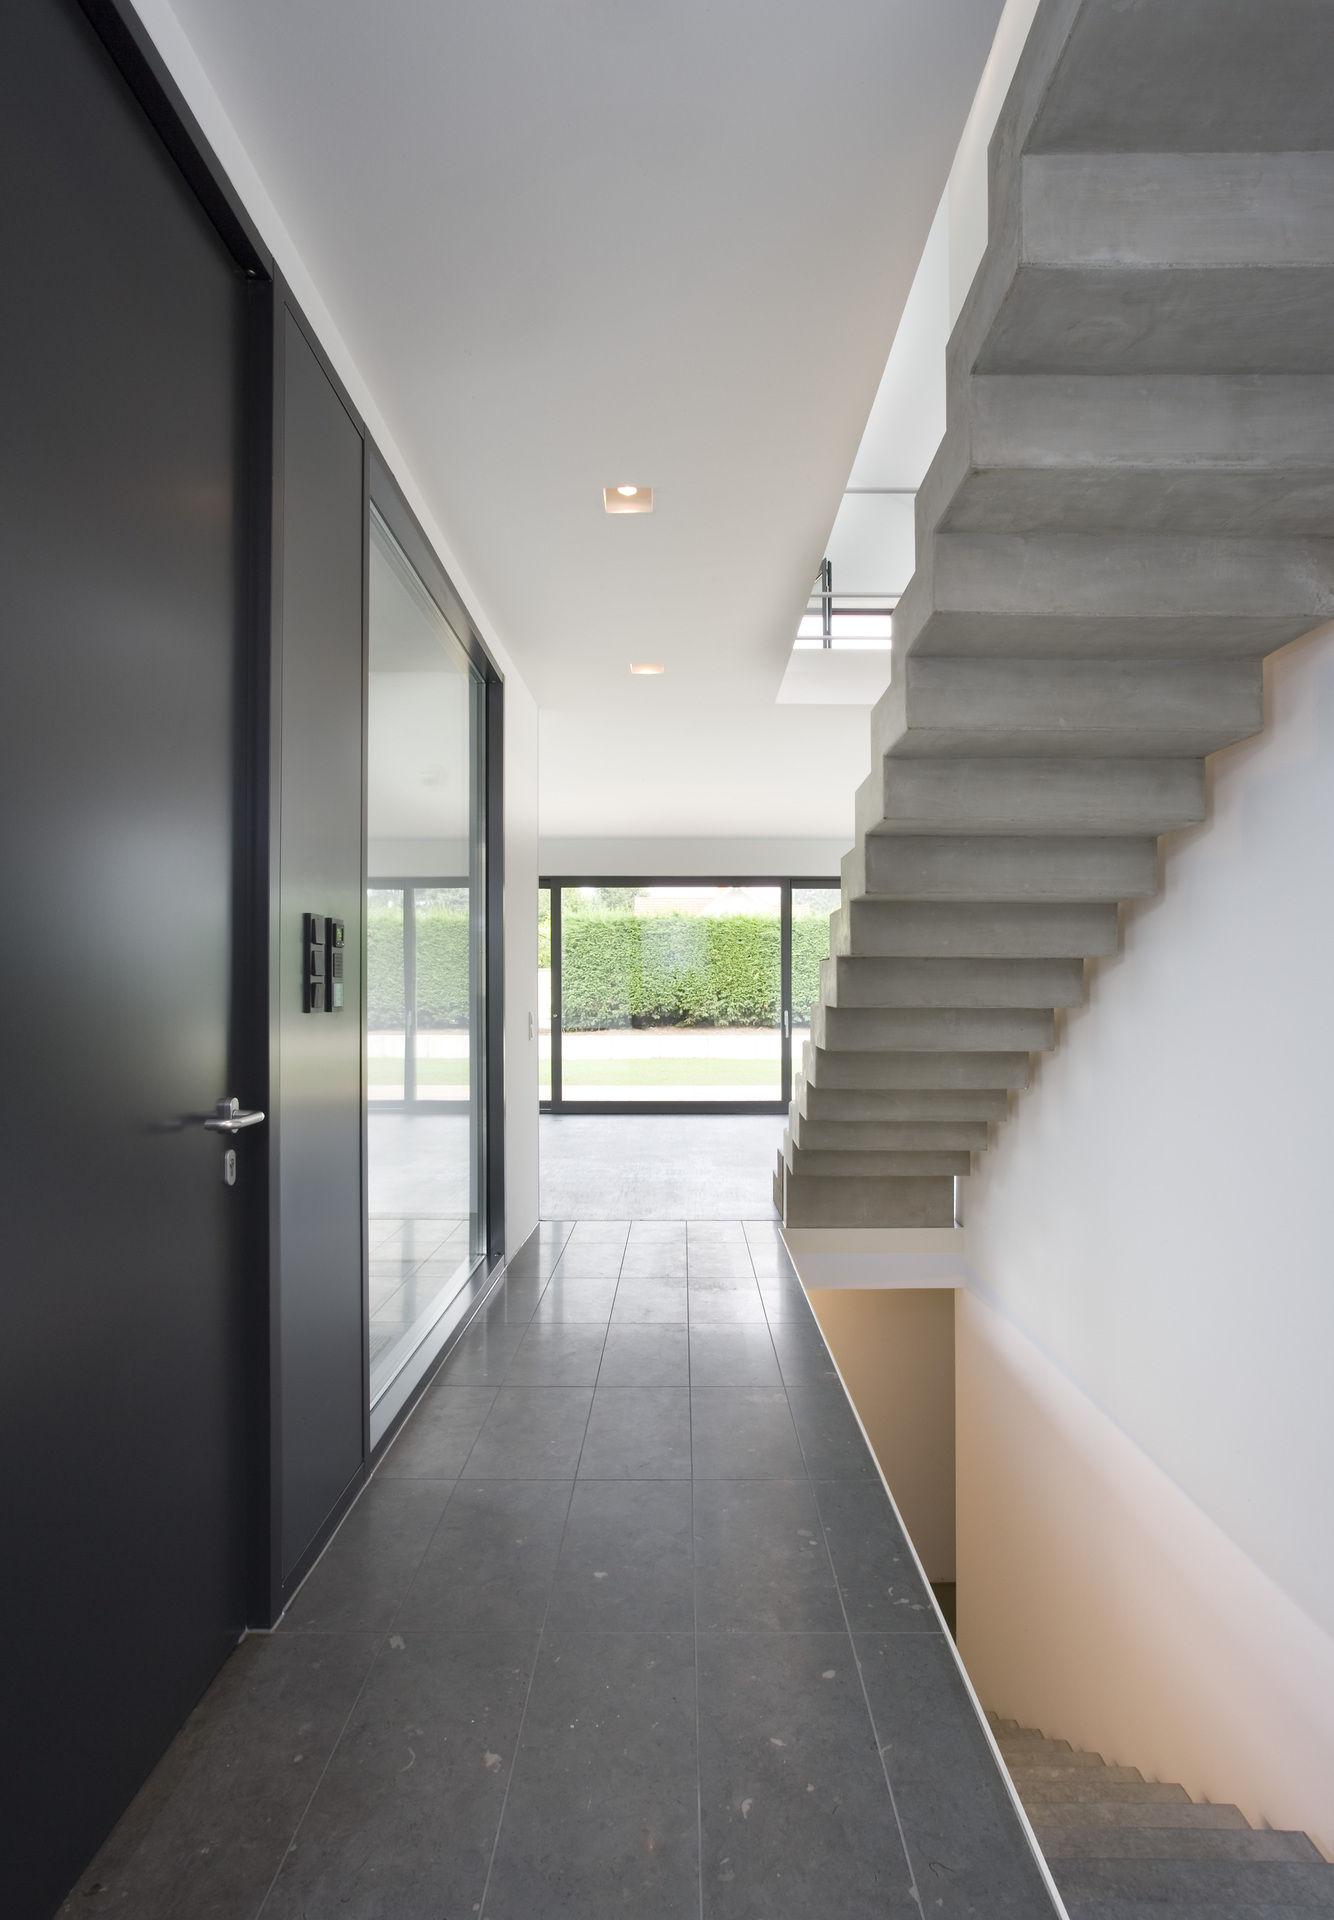 flur mit offener betontreppe. Black Bedroom Furniture Sets. Home Design Ideas